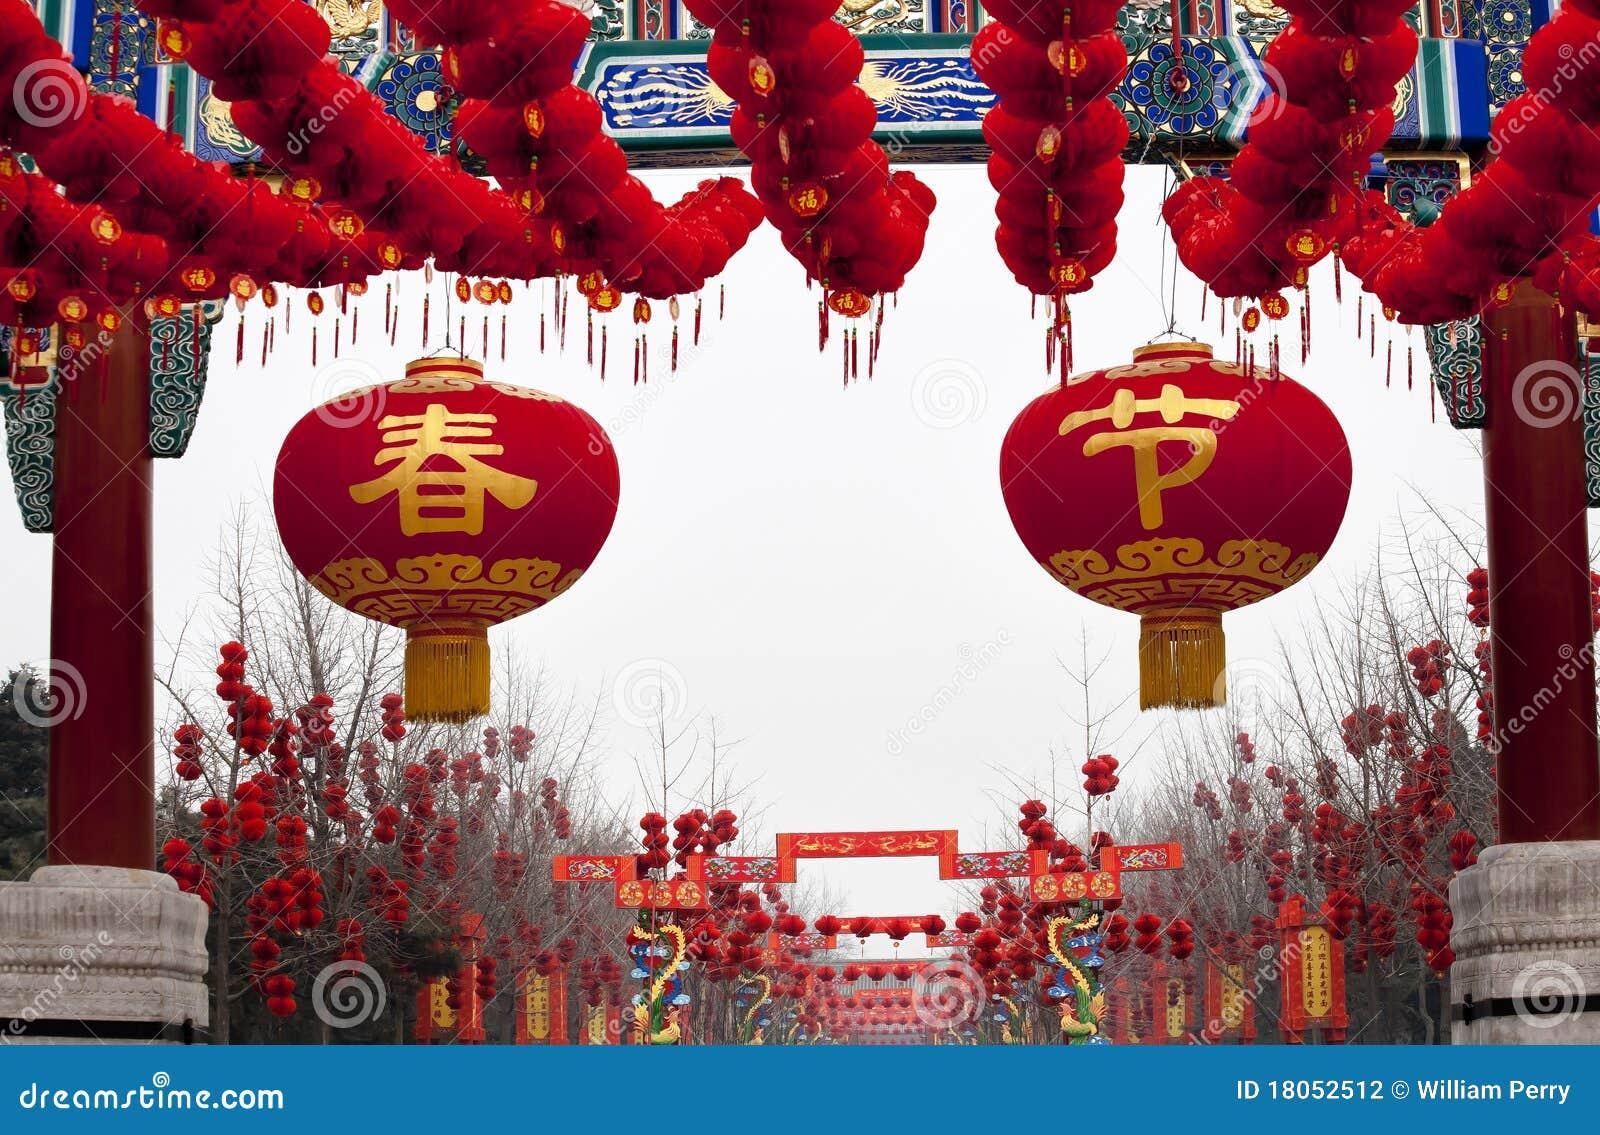 lanternes rouges p kin chine de festival de source. Black Bedroom Furniture Sets. Home Design Ideas